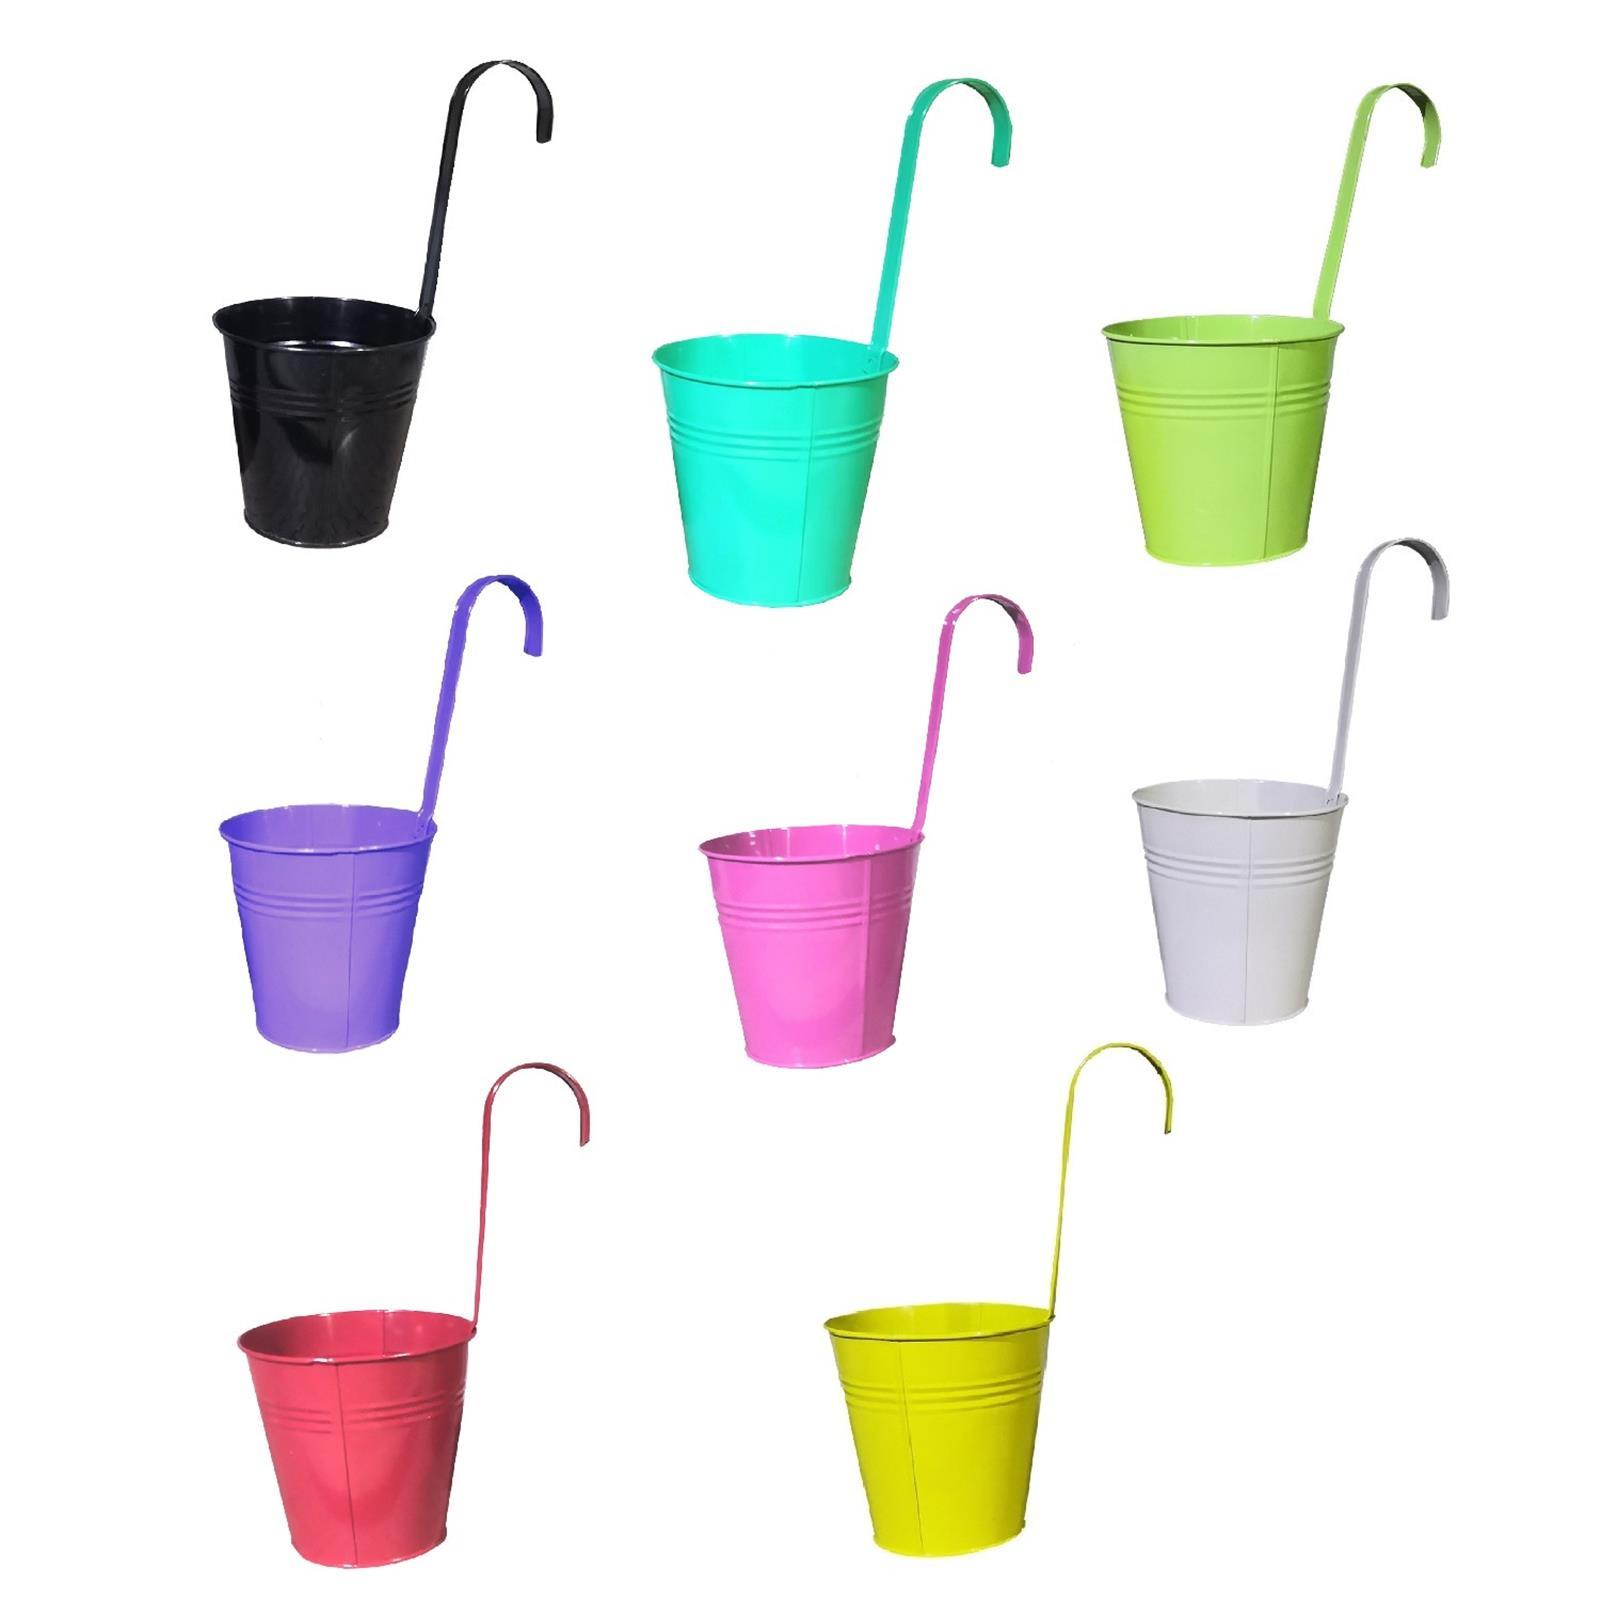 Hängetöpfe in 8 verschiedenen Farben